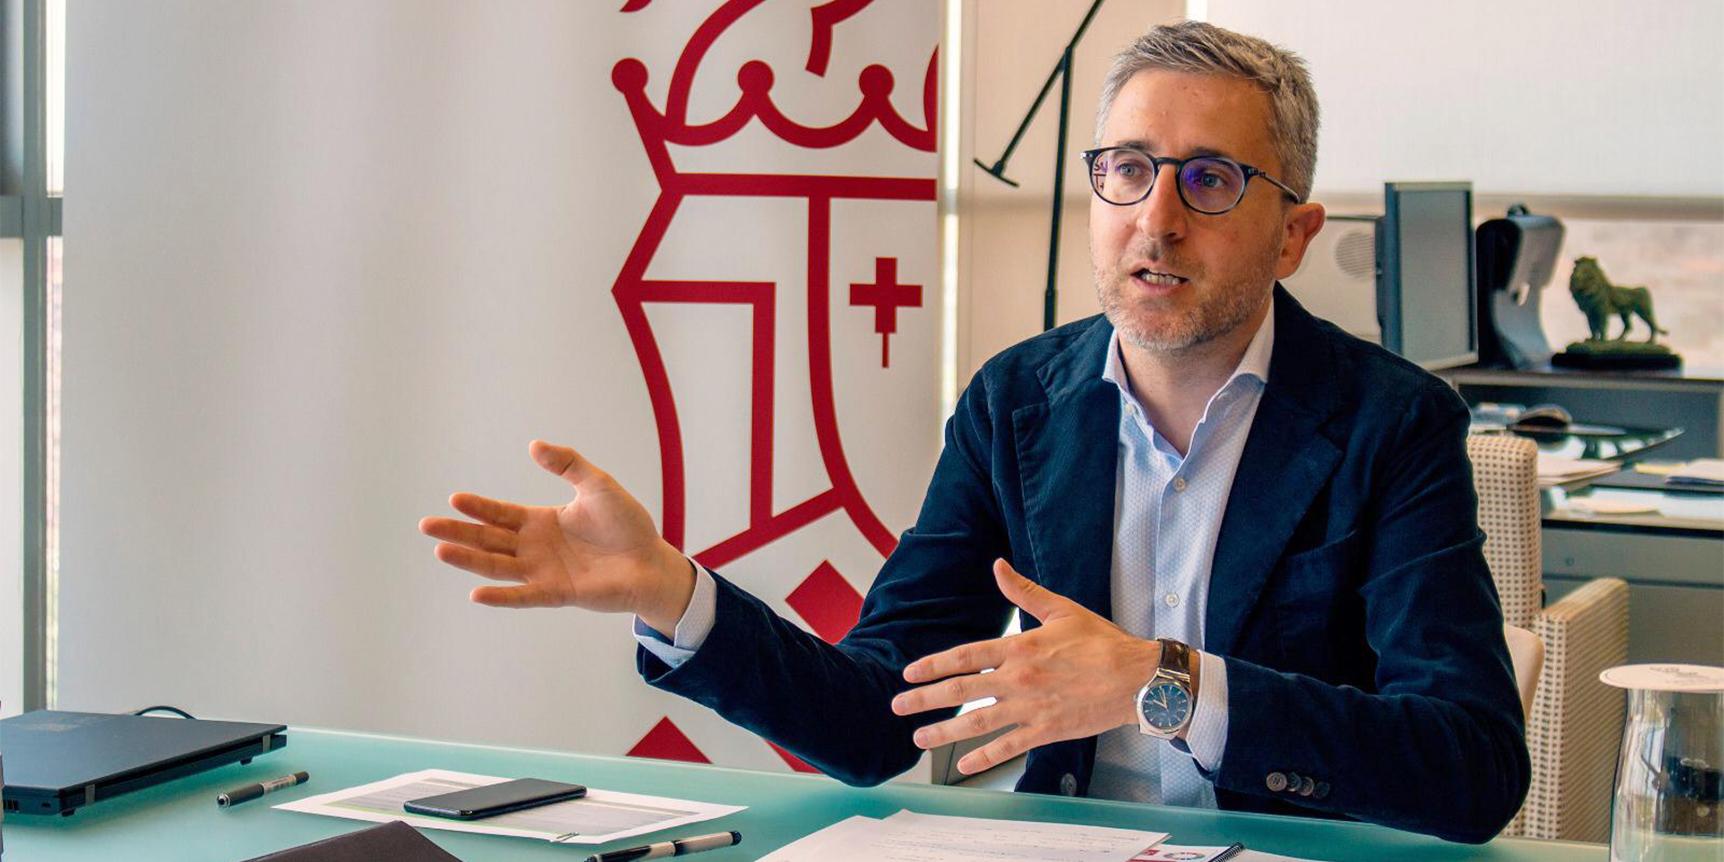 La Conselleria de Obras Públicas que dirige Arcadi España prometió el 22 de julio las ayudas aún pendientes en 10 días.